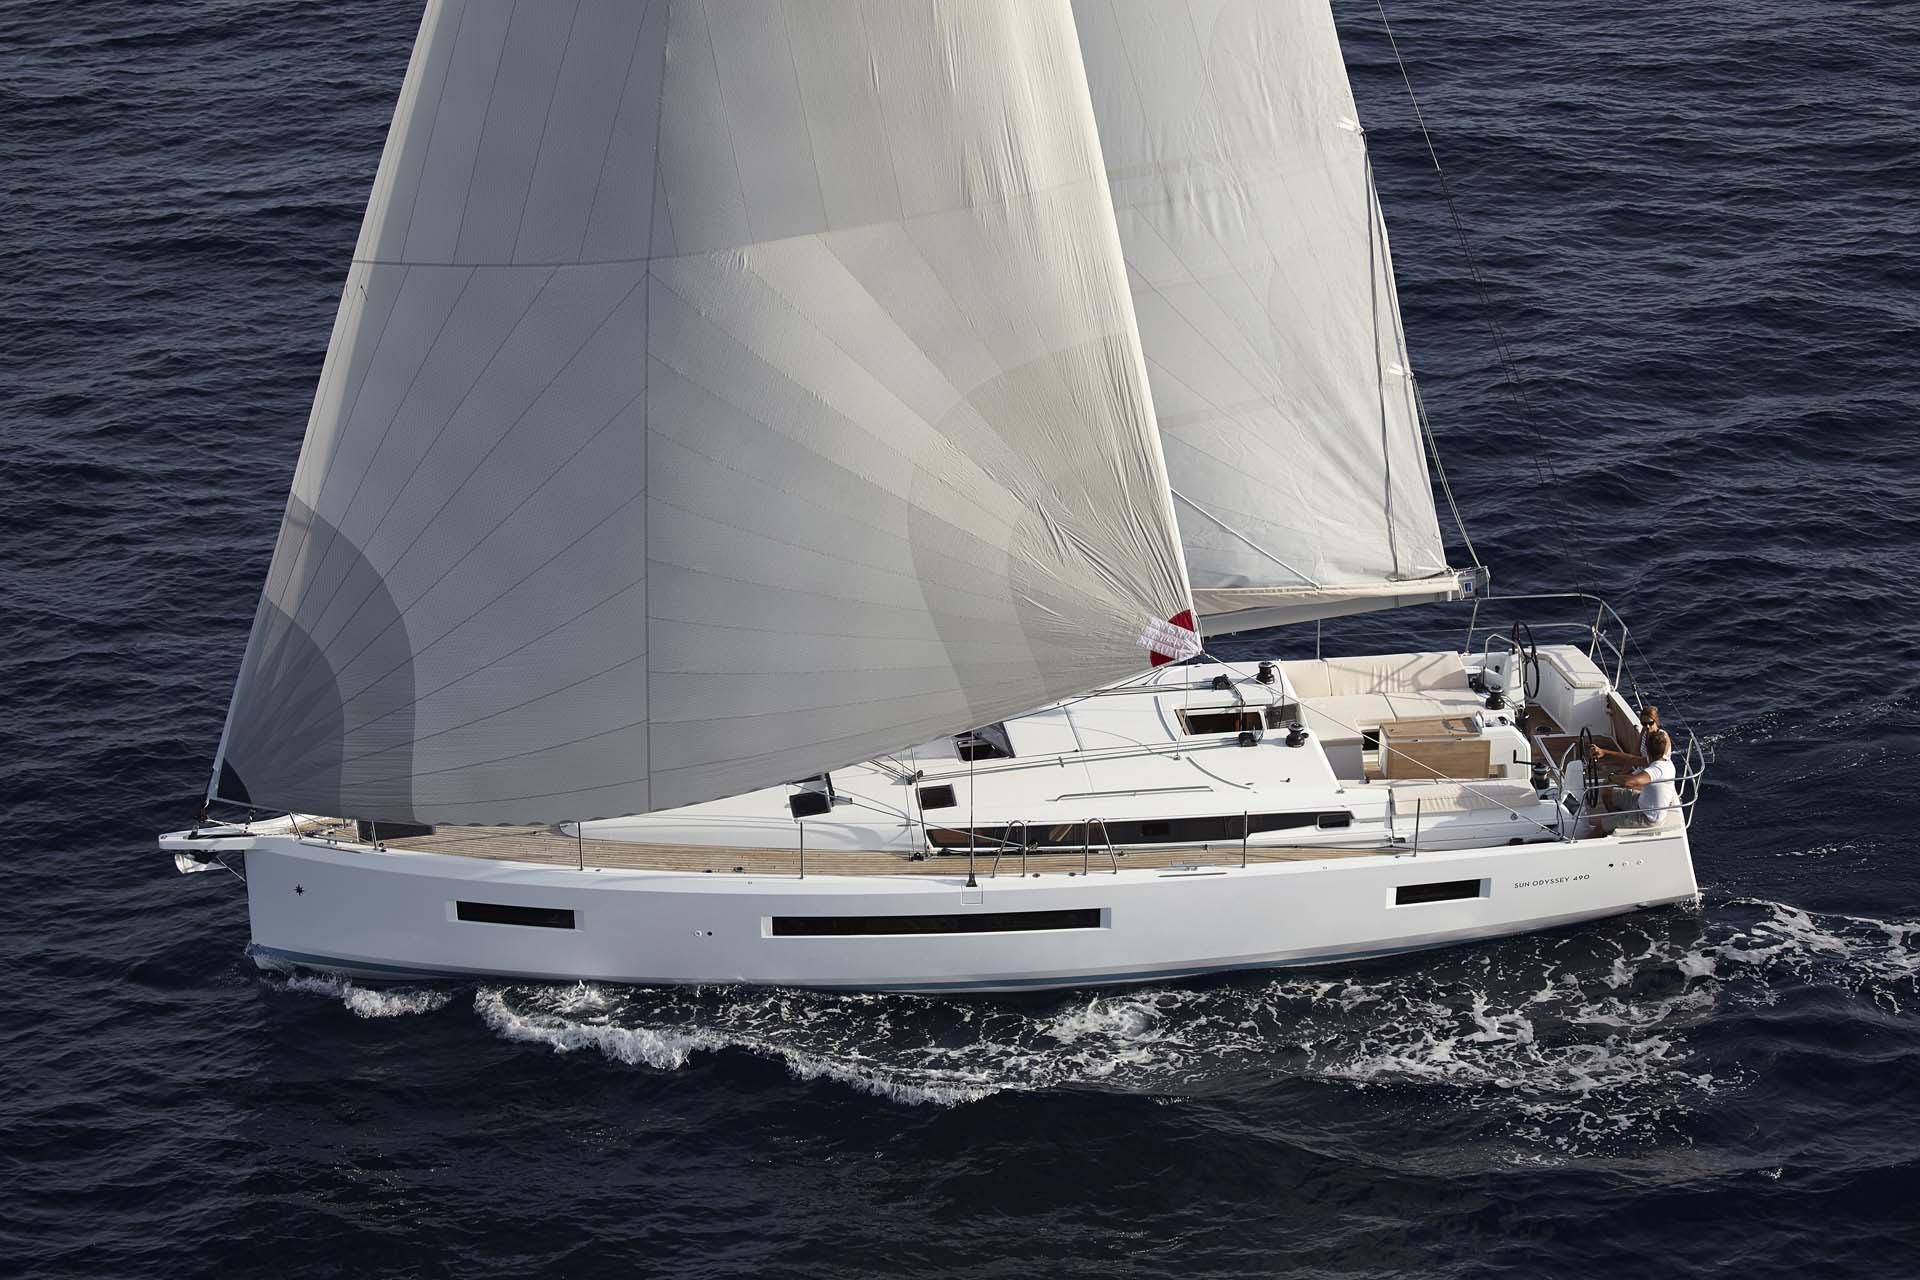 bateau-voilier-neuf-sun-odyssey-490-FP1